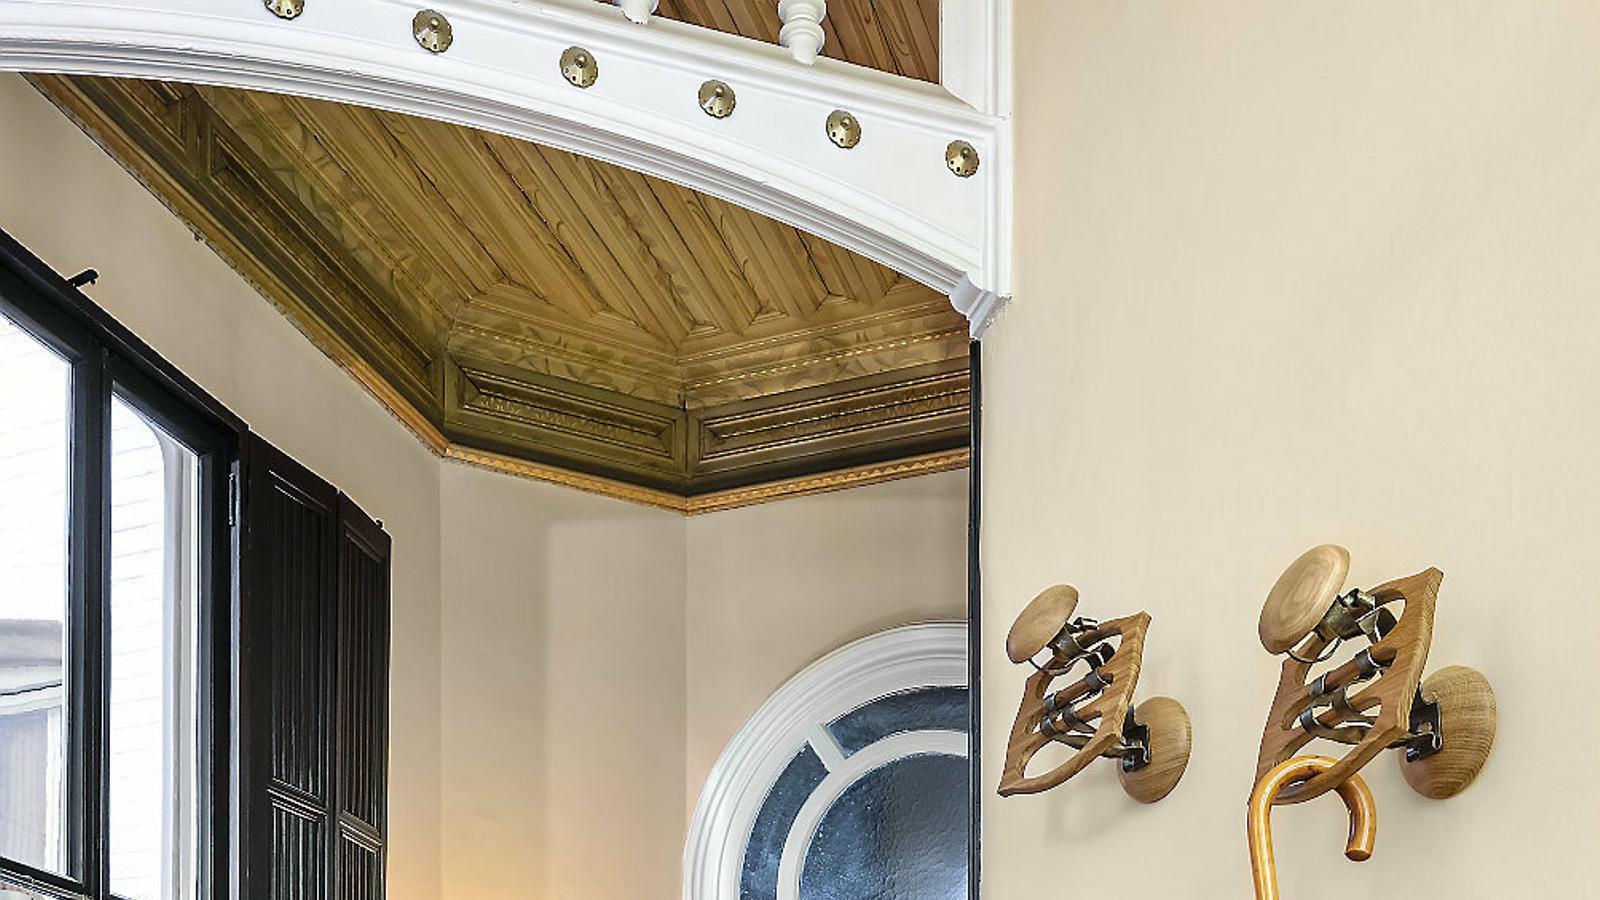 Una cadira dissenyada per Gaudí sota els penjadors que reprodueix BD.